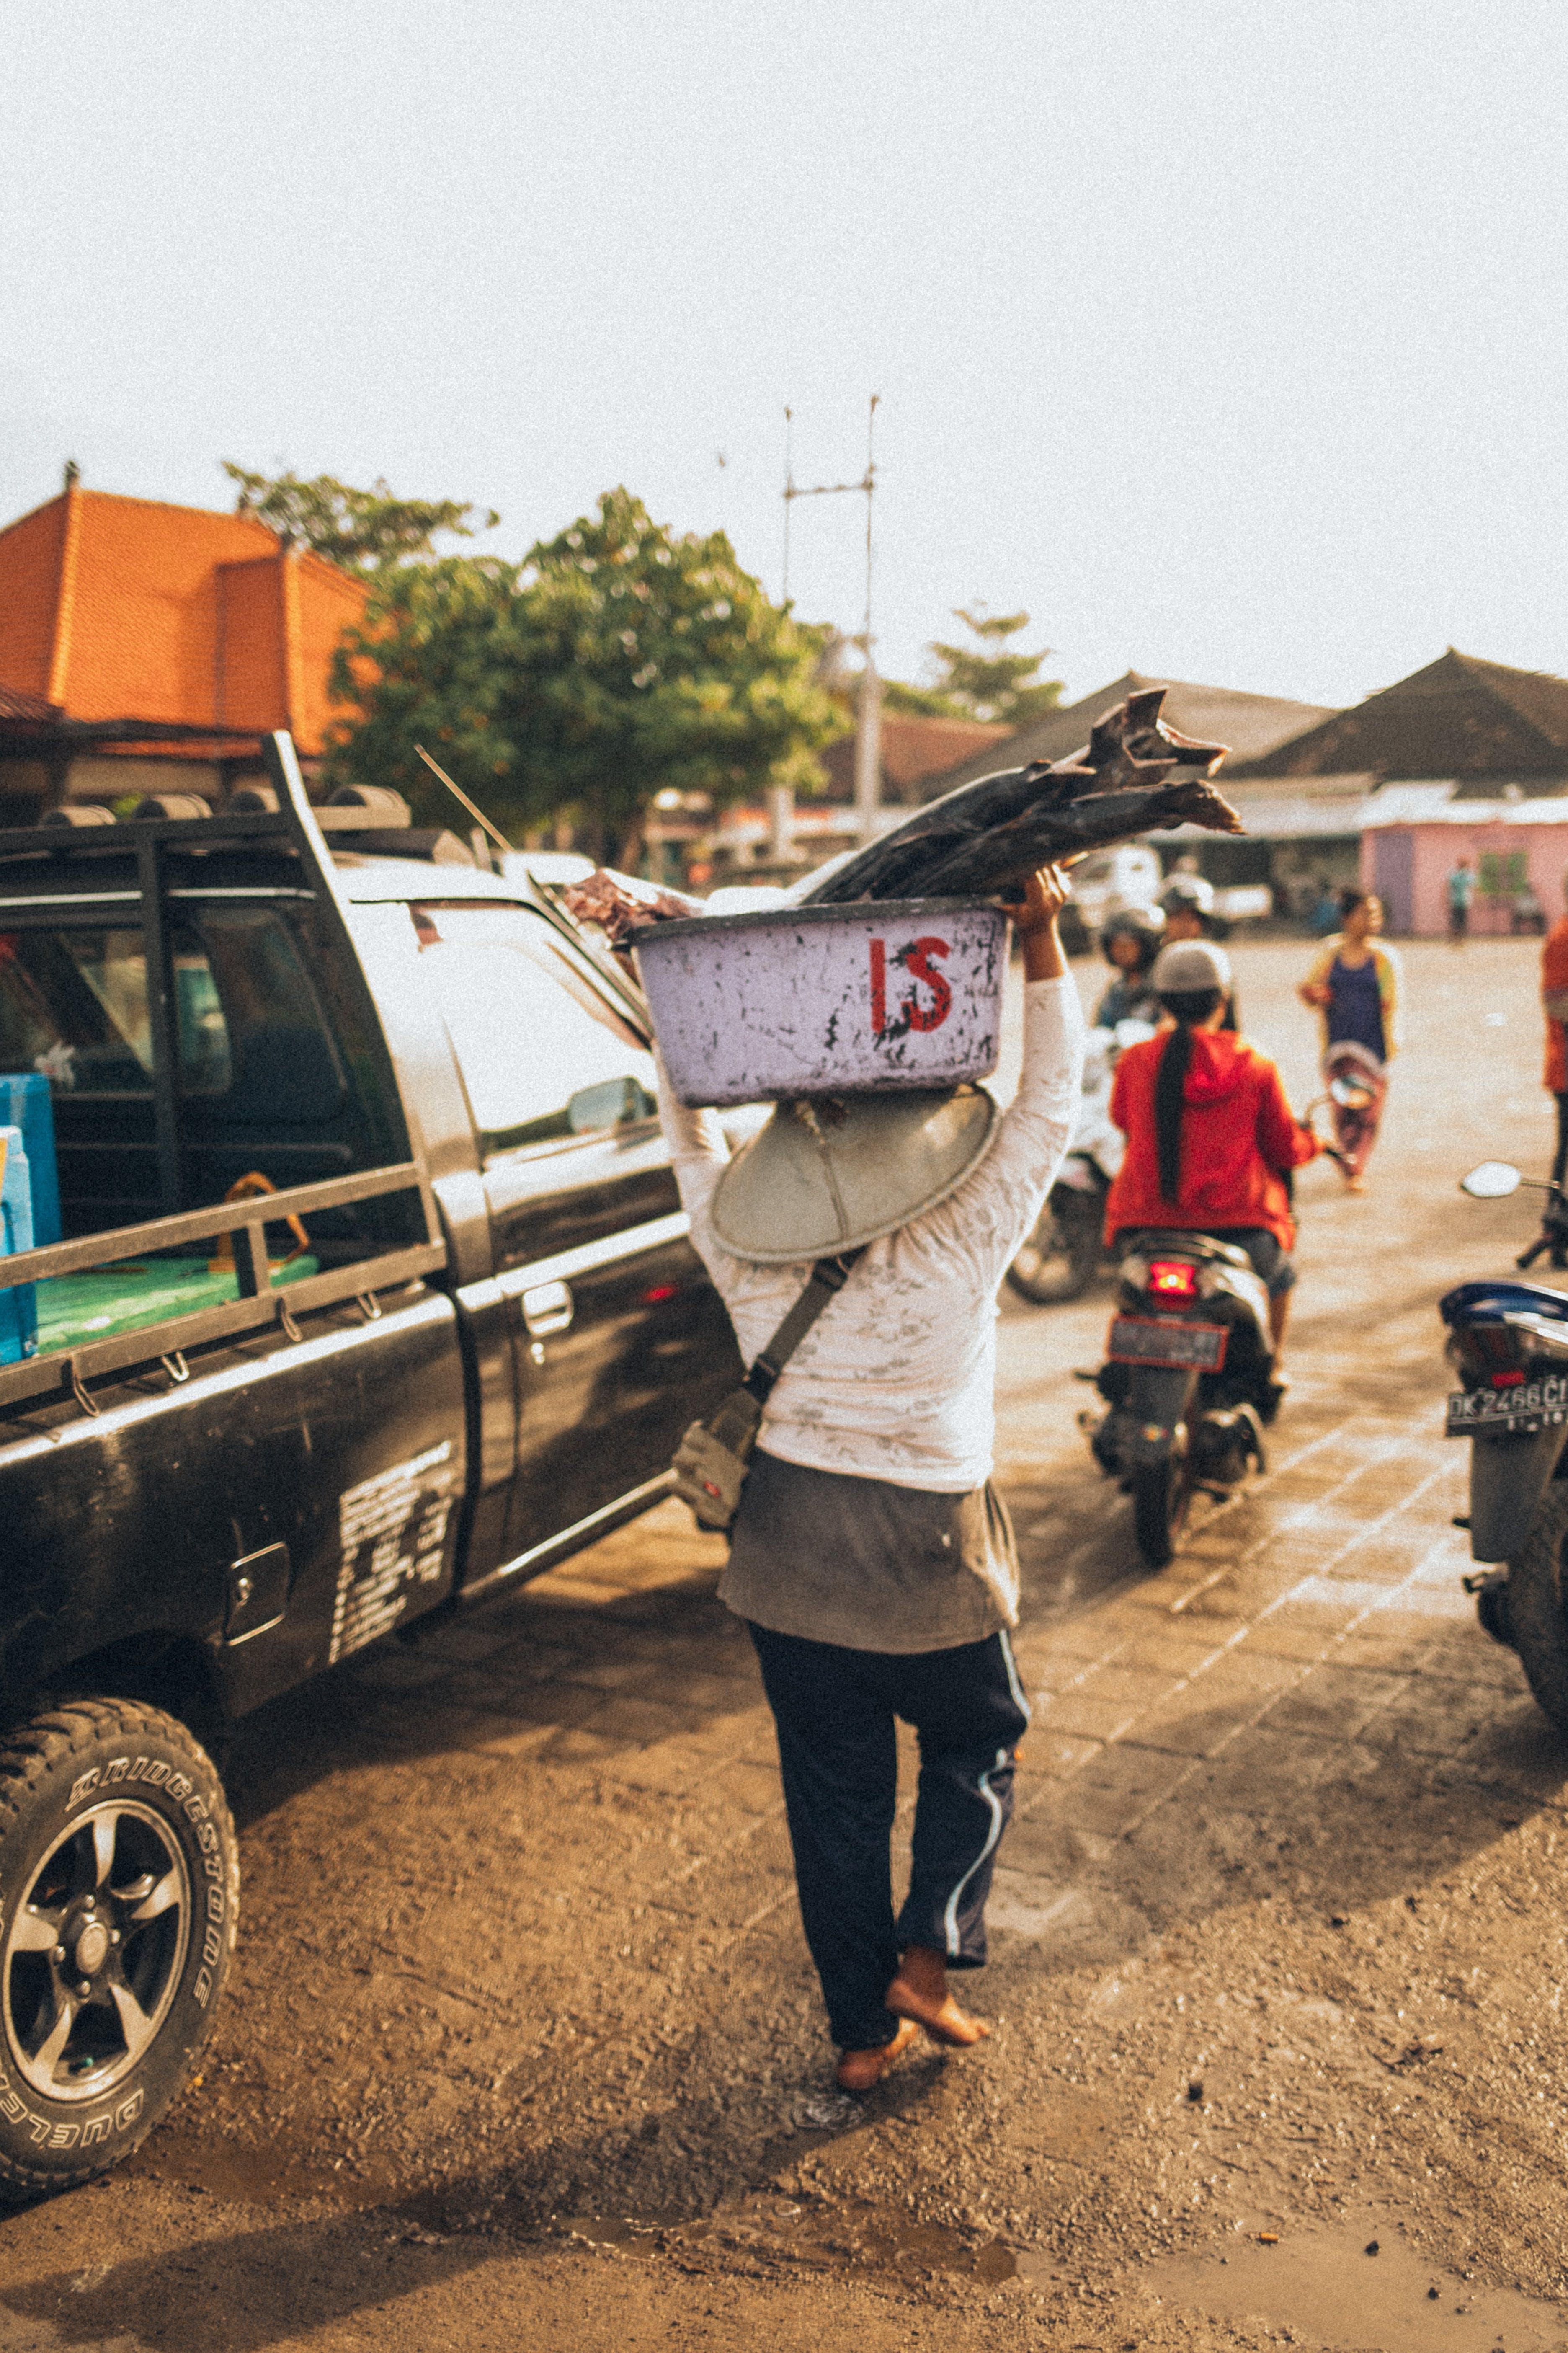 亞洲人, 交通系統, 人, 商業 的 免費圖庫相片